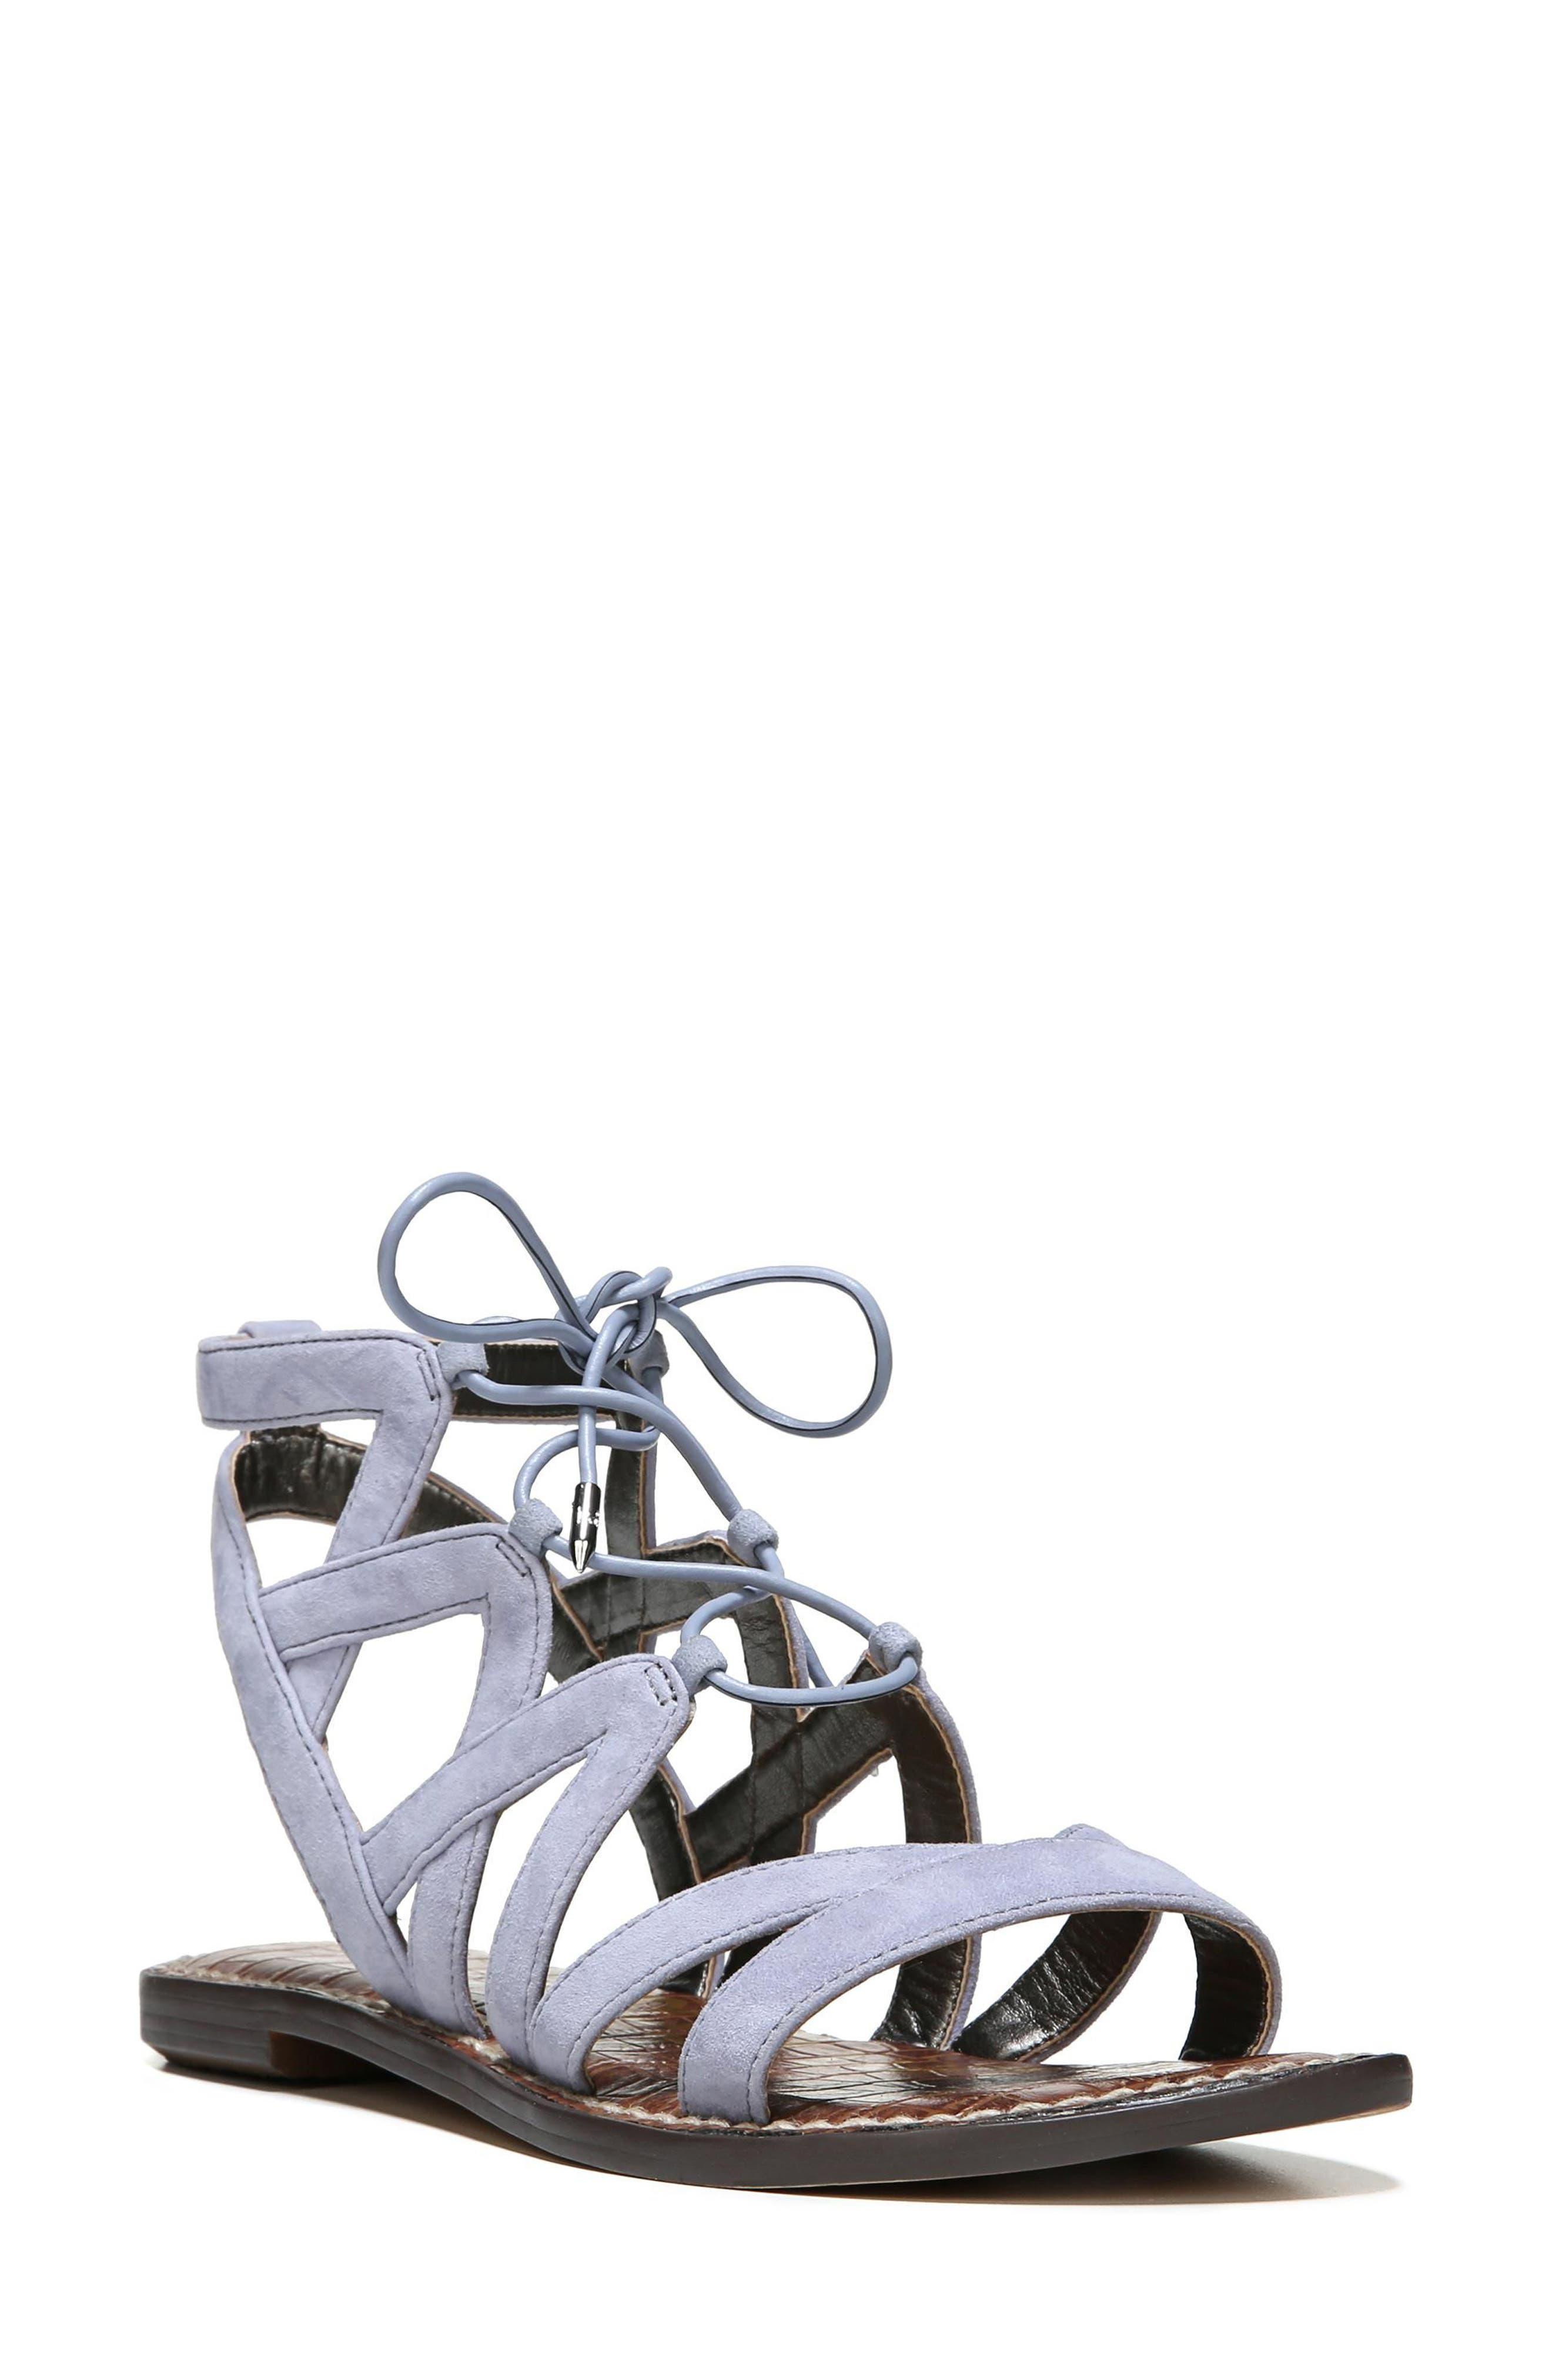 SAM EDELMAN Gemma Lace-Up Sandal, Main, color, 401